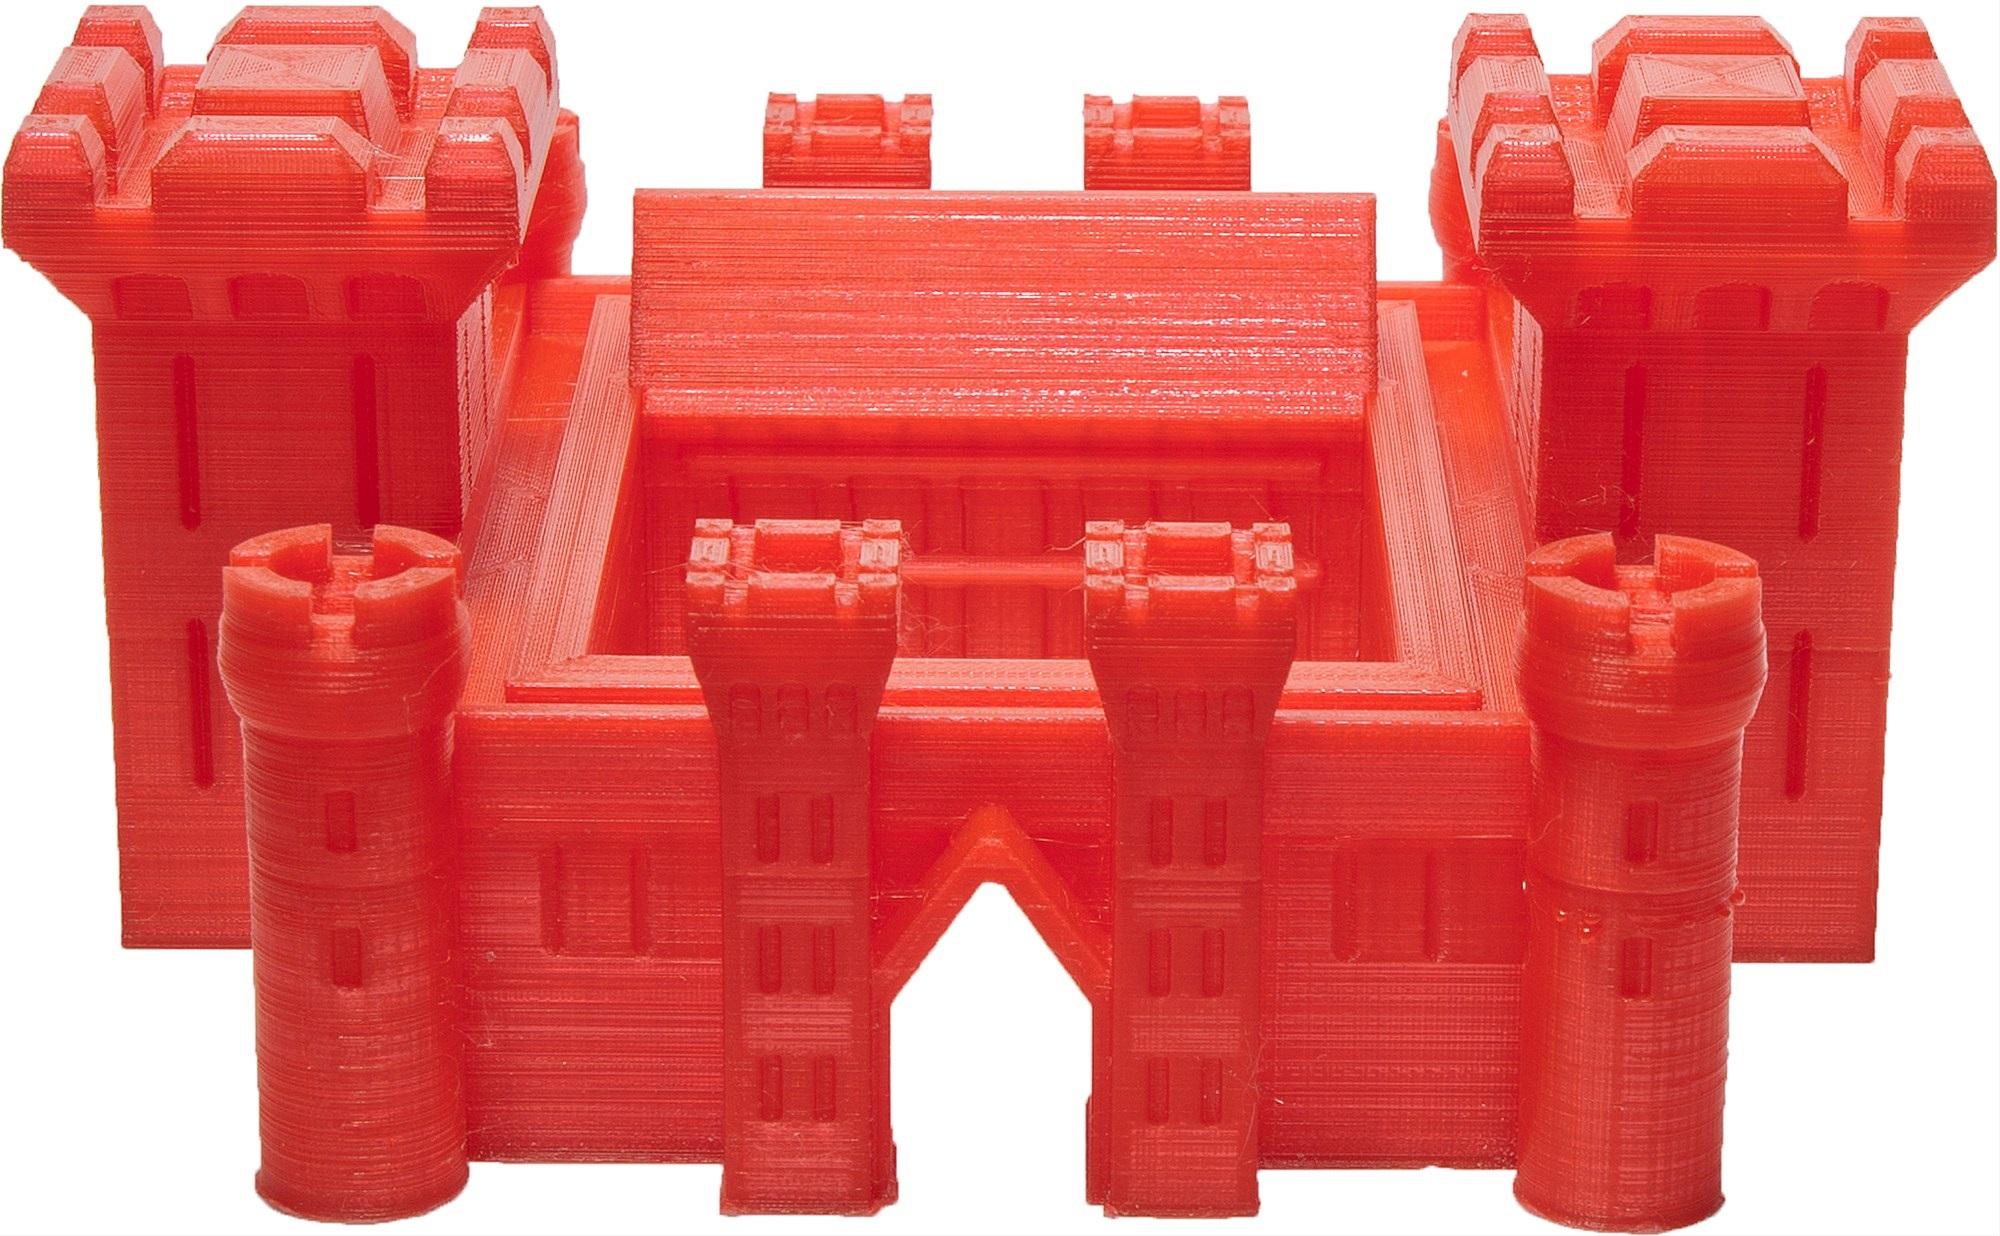 červený hrad vytisknutý ve 3D tiskárně 3D Factories EasyMaker